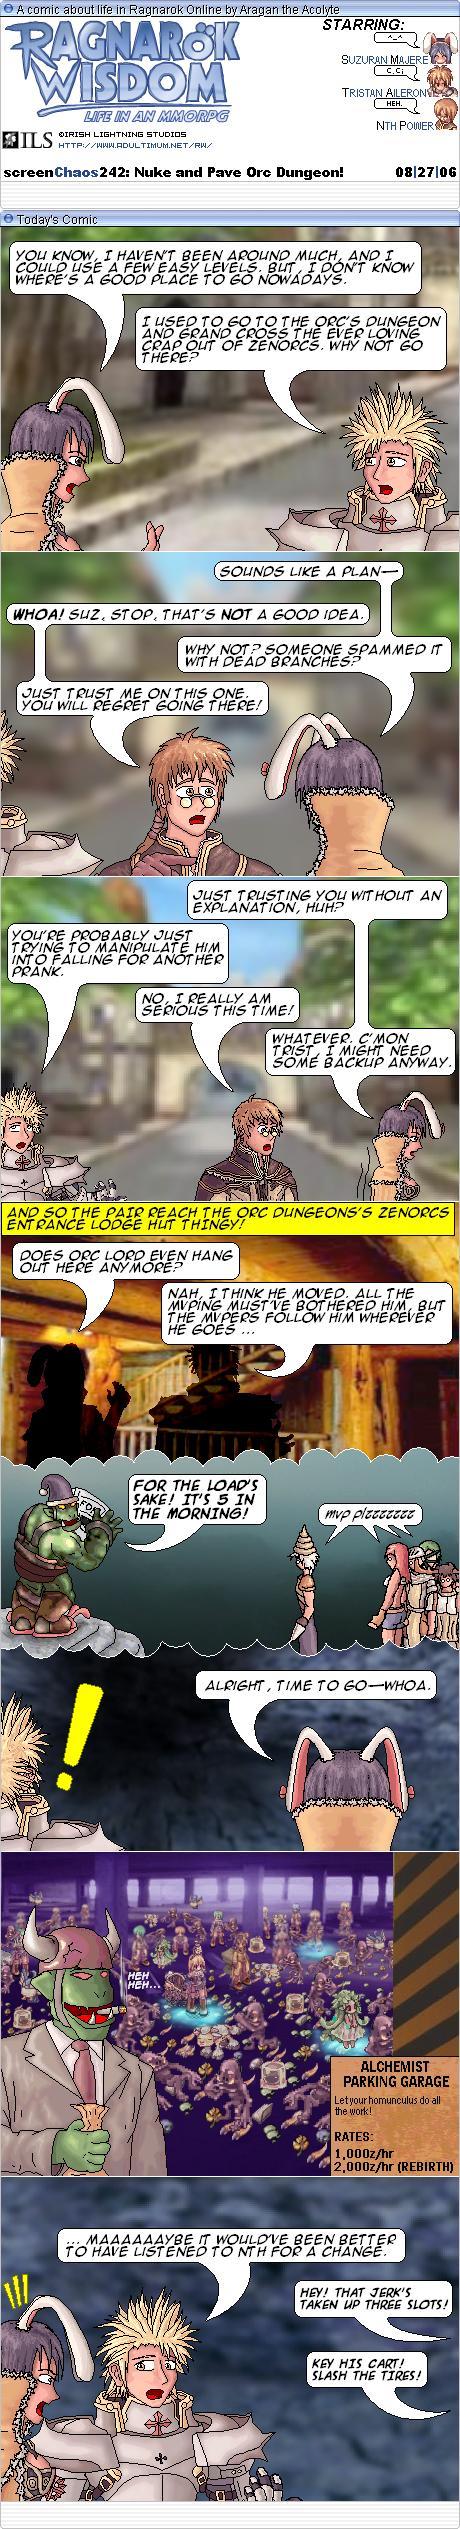 Comic #264